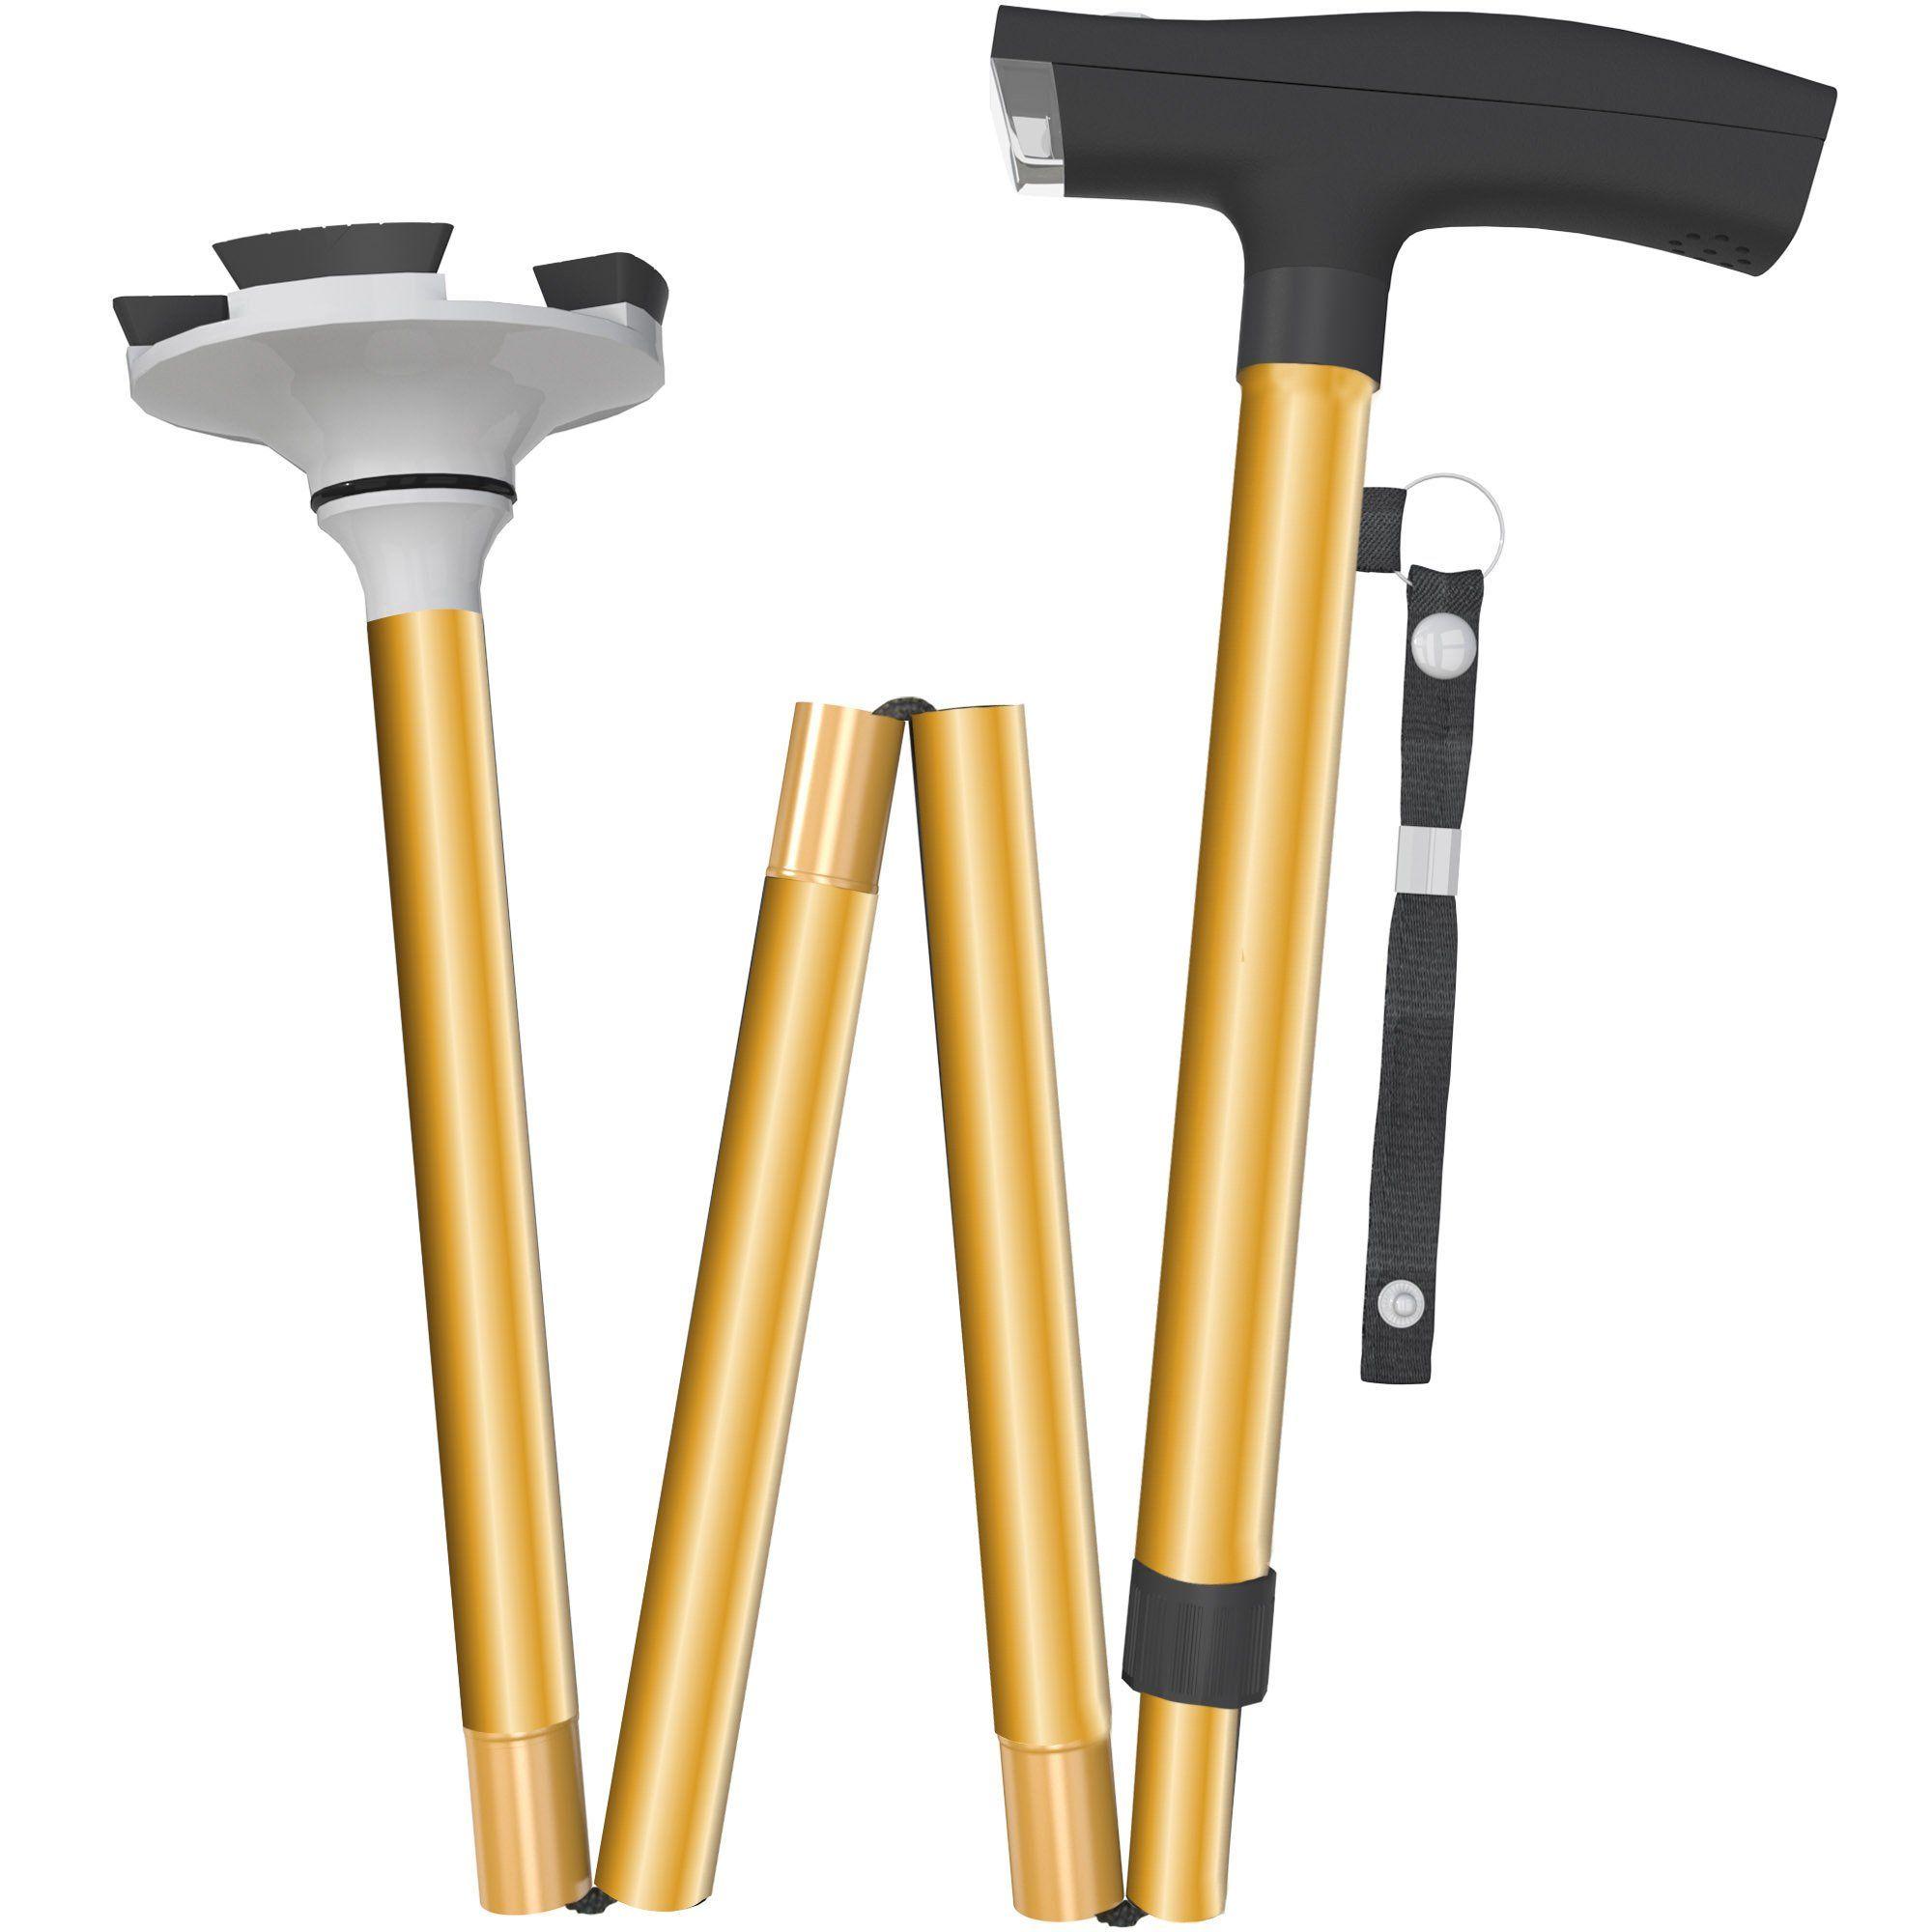 Foldable Walking Cane with LED Flashlight - Travel Adjustable ...